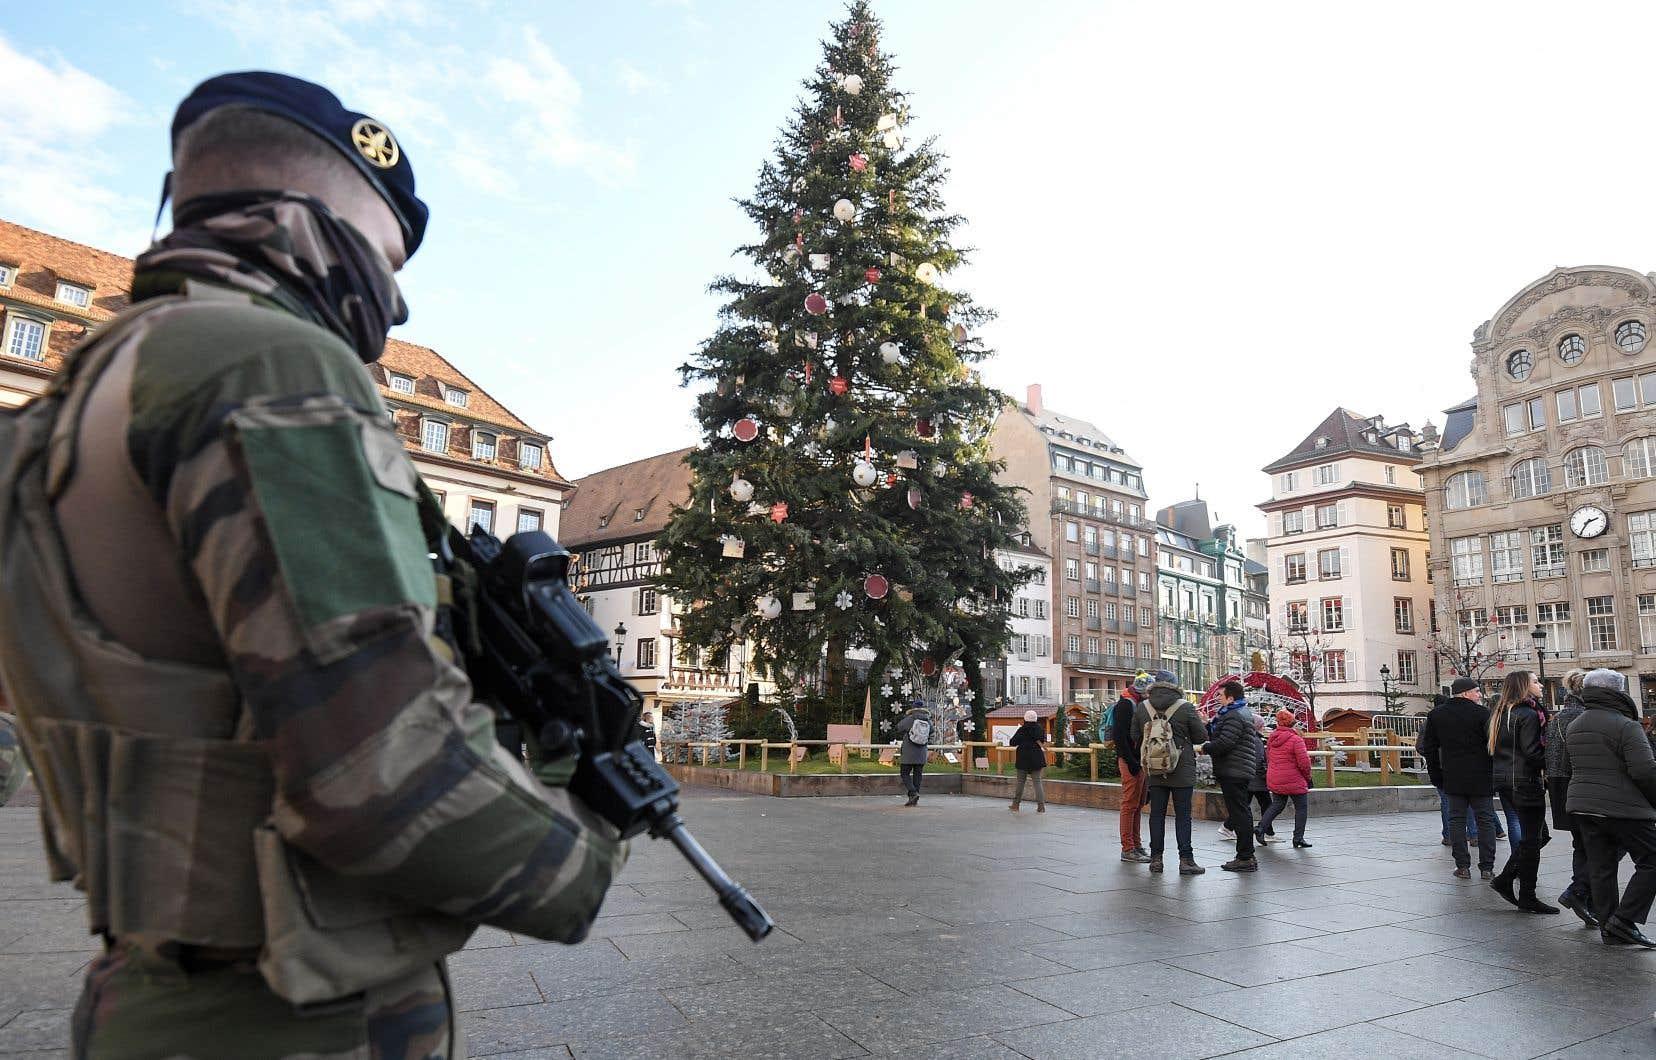 Plus de 700 membres des forces de l'ordre étaient à la recherche de l'assaillant.